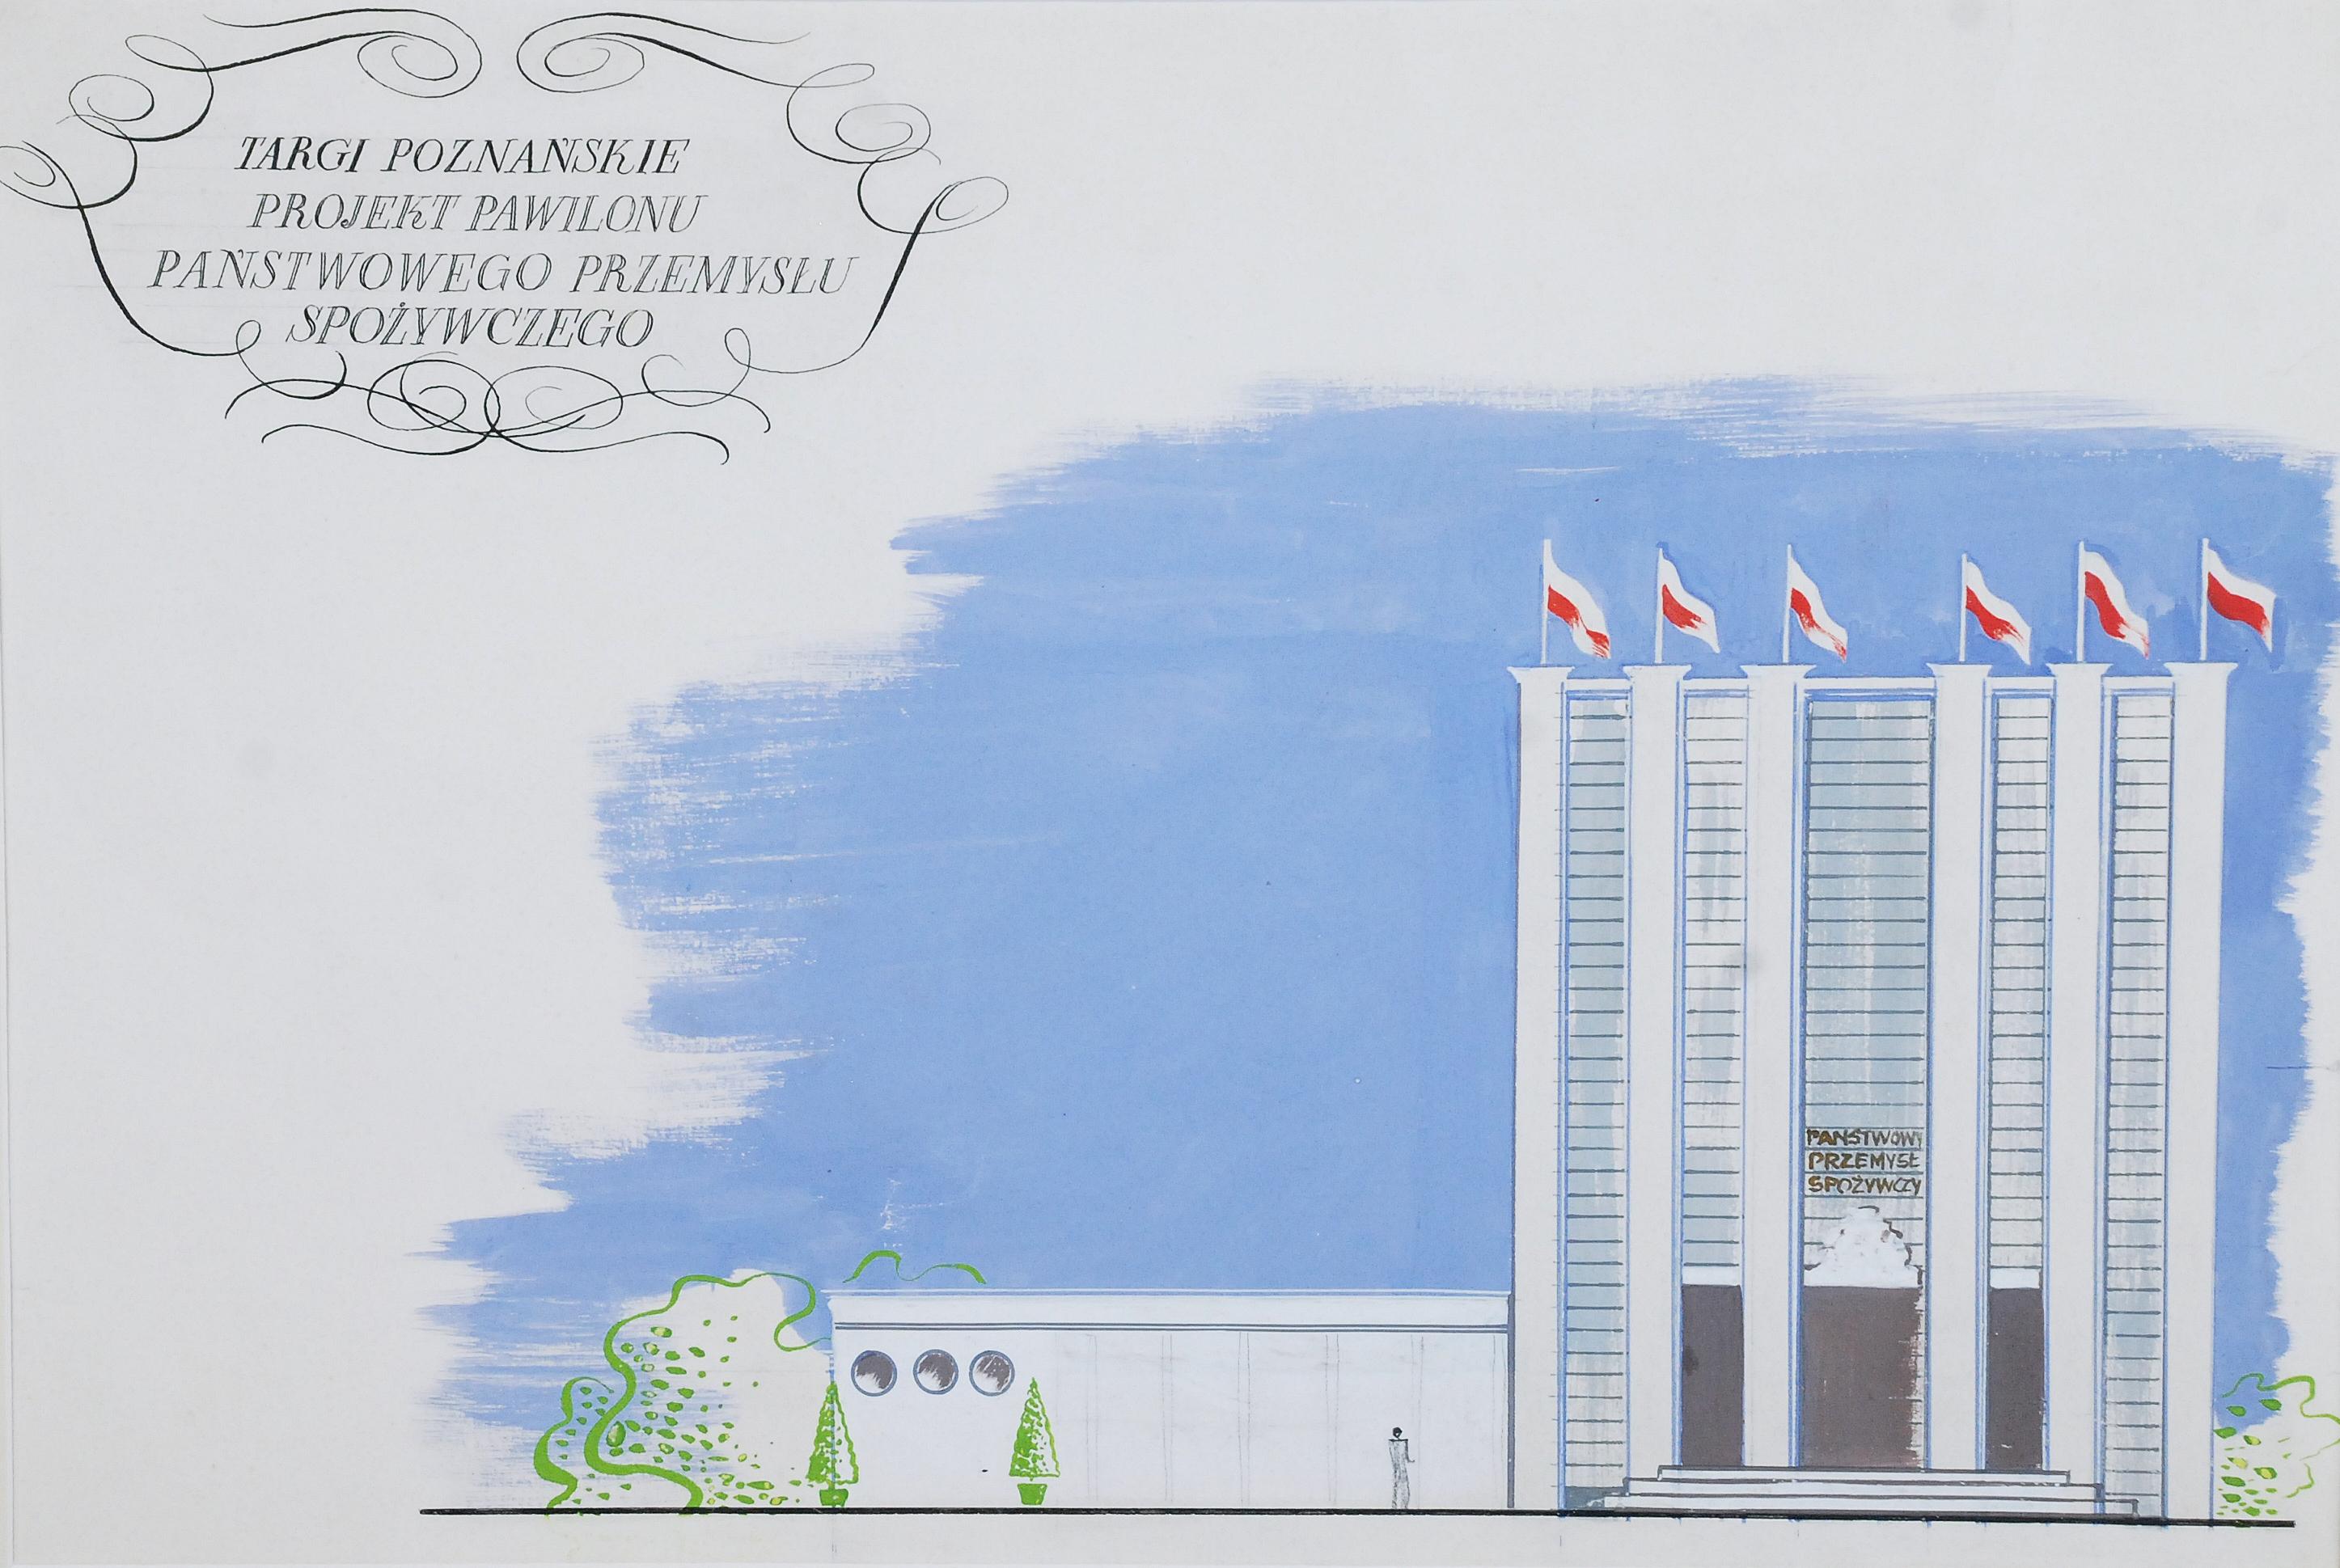 Targi Poznańskie. Projekt Pawilonu Państwowego Przemysłu Spożywczego, lata 60-te XX w.;